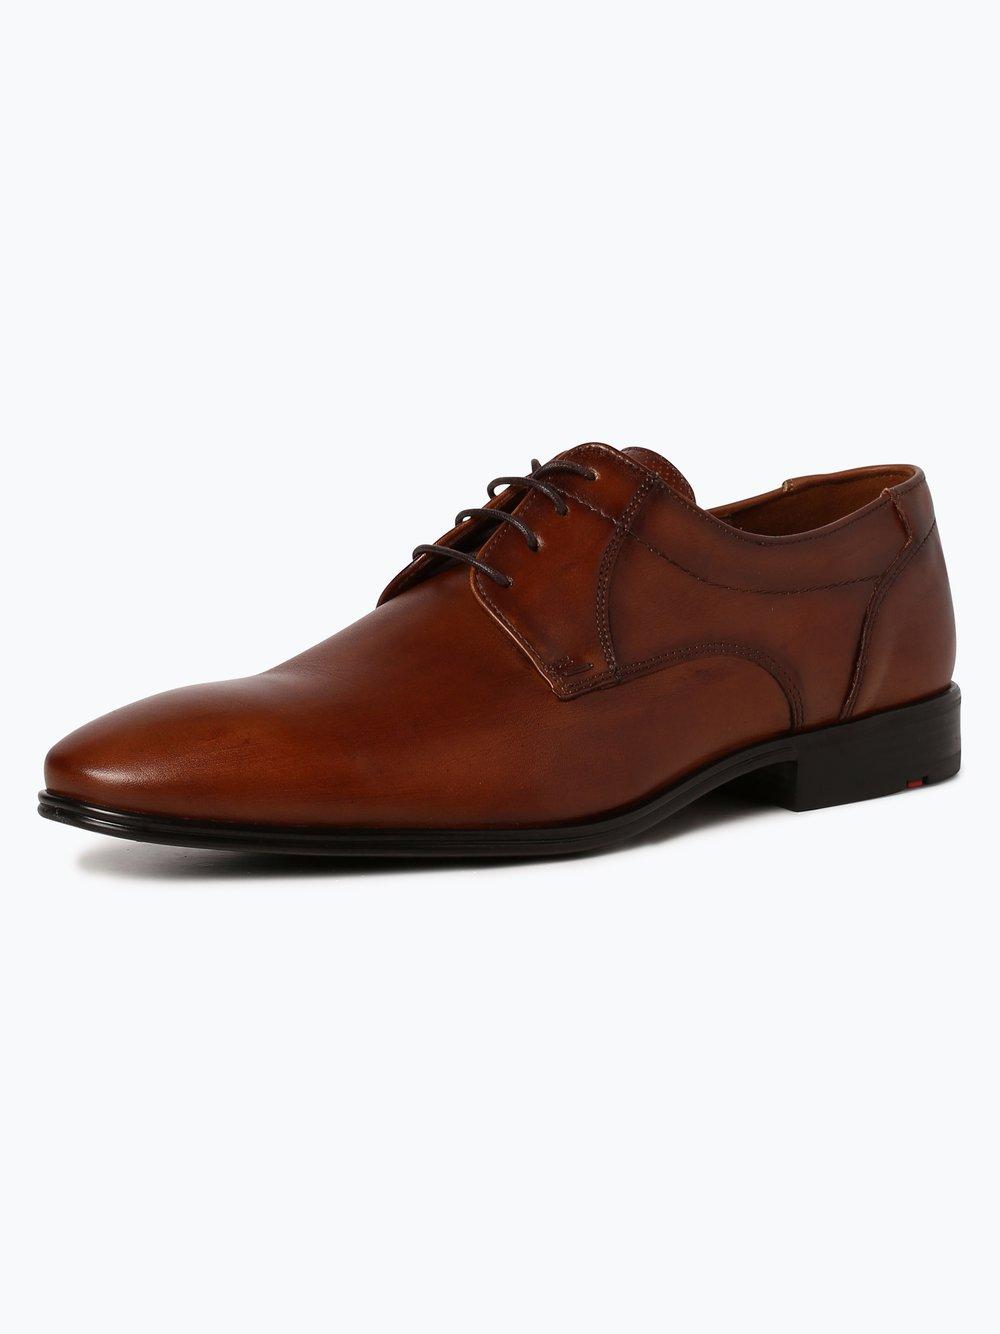 Lloyd – Męskie buty sznurowane ze skóry – Osmond, beżowy Van Graaf 394814-0003